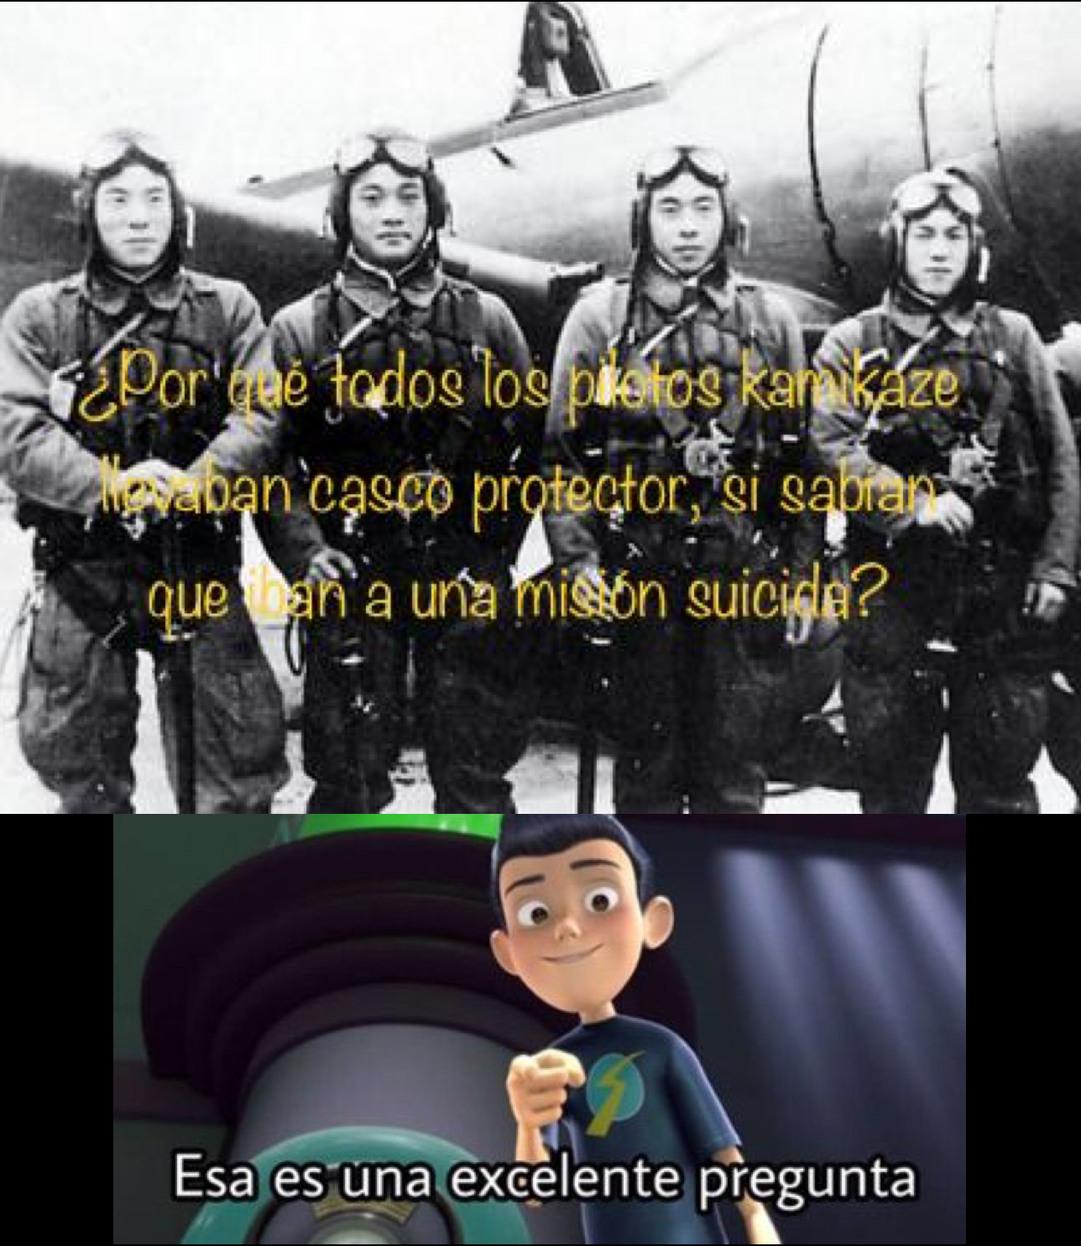 Por qué todos los pilotos kamikaze llevaban casco protector, si sabían que iban a una misión suicida ??? - meme